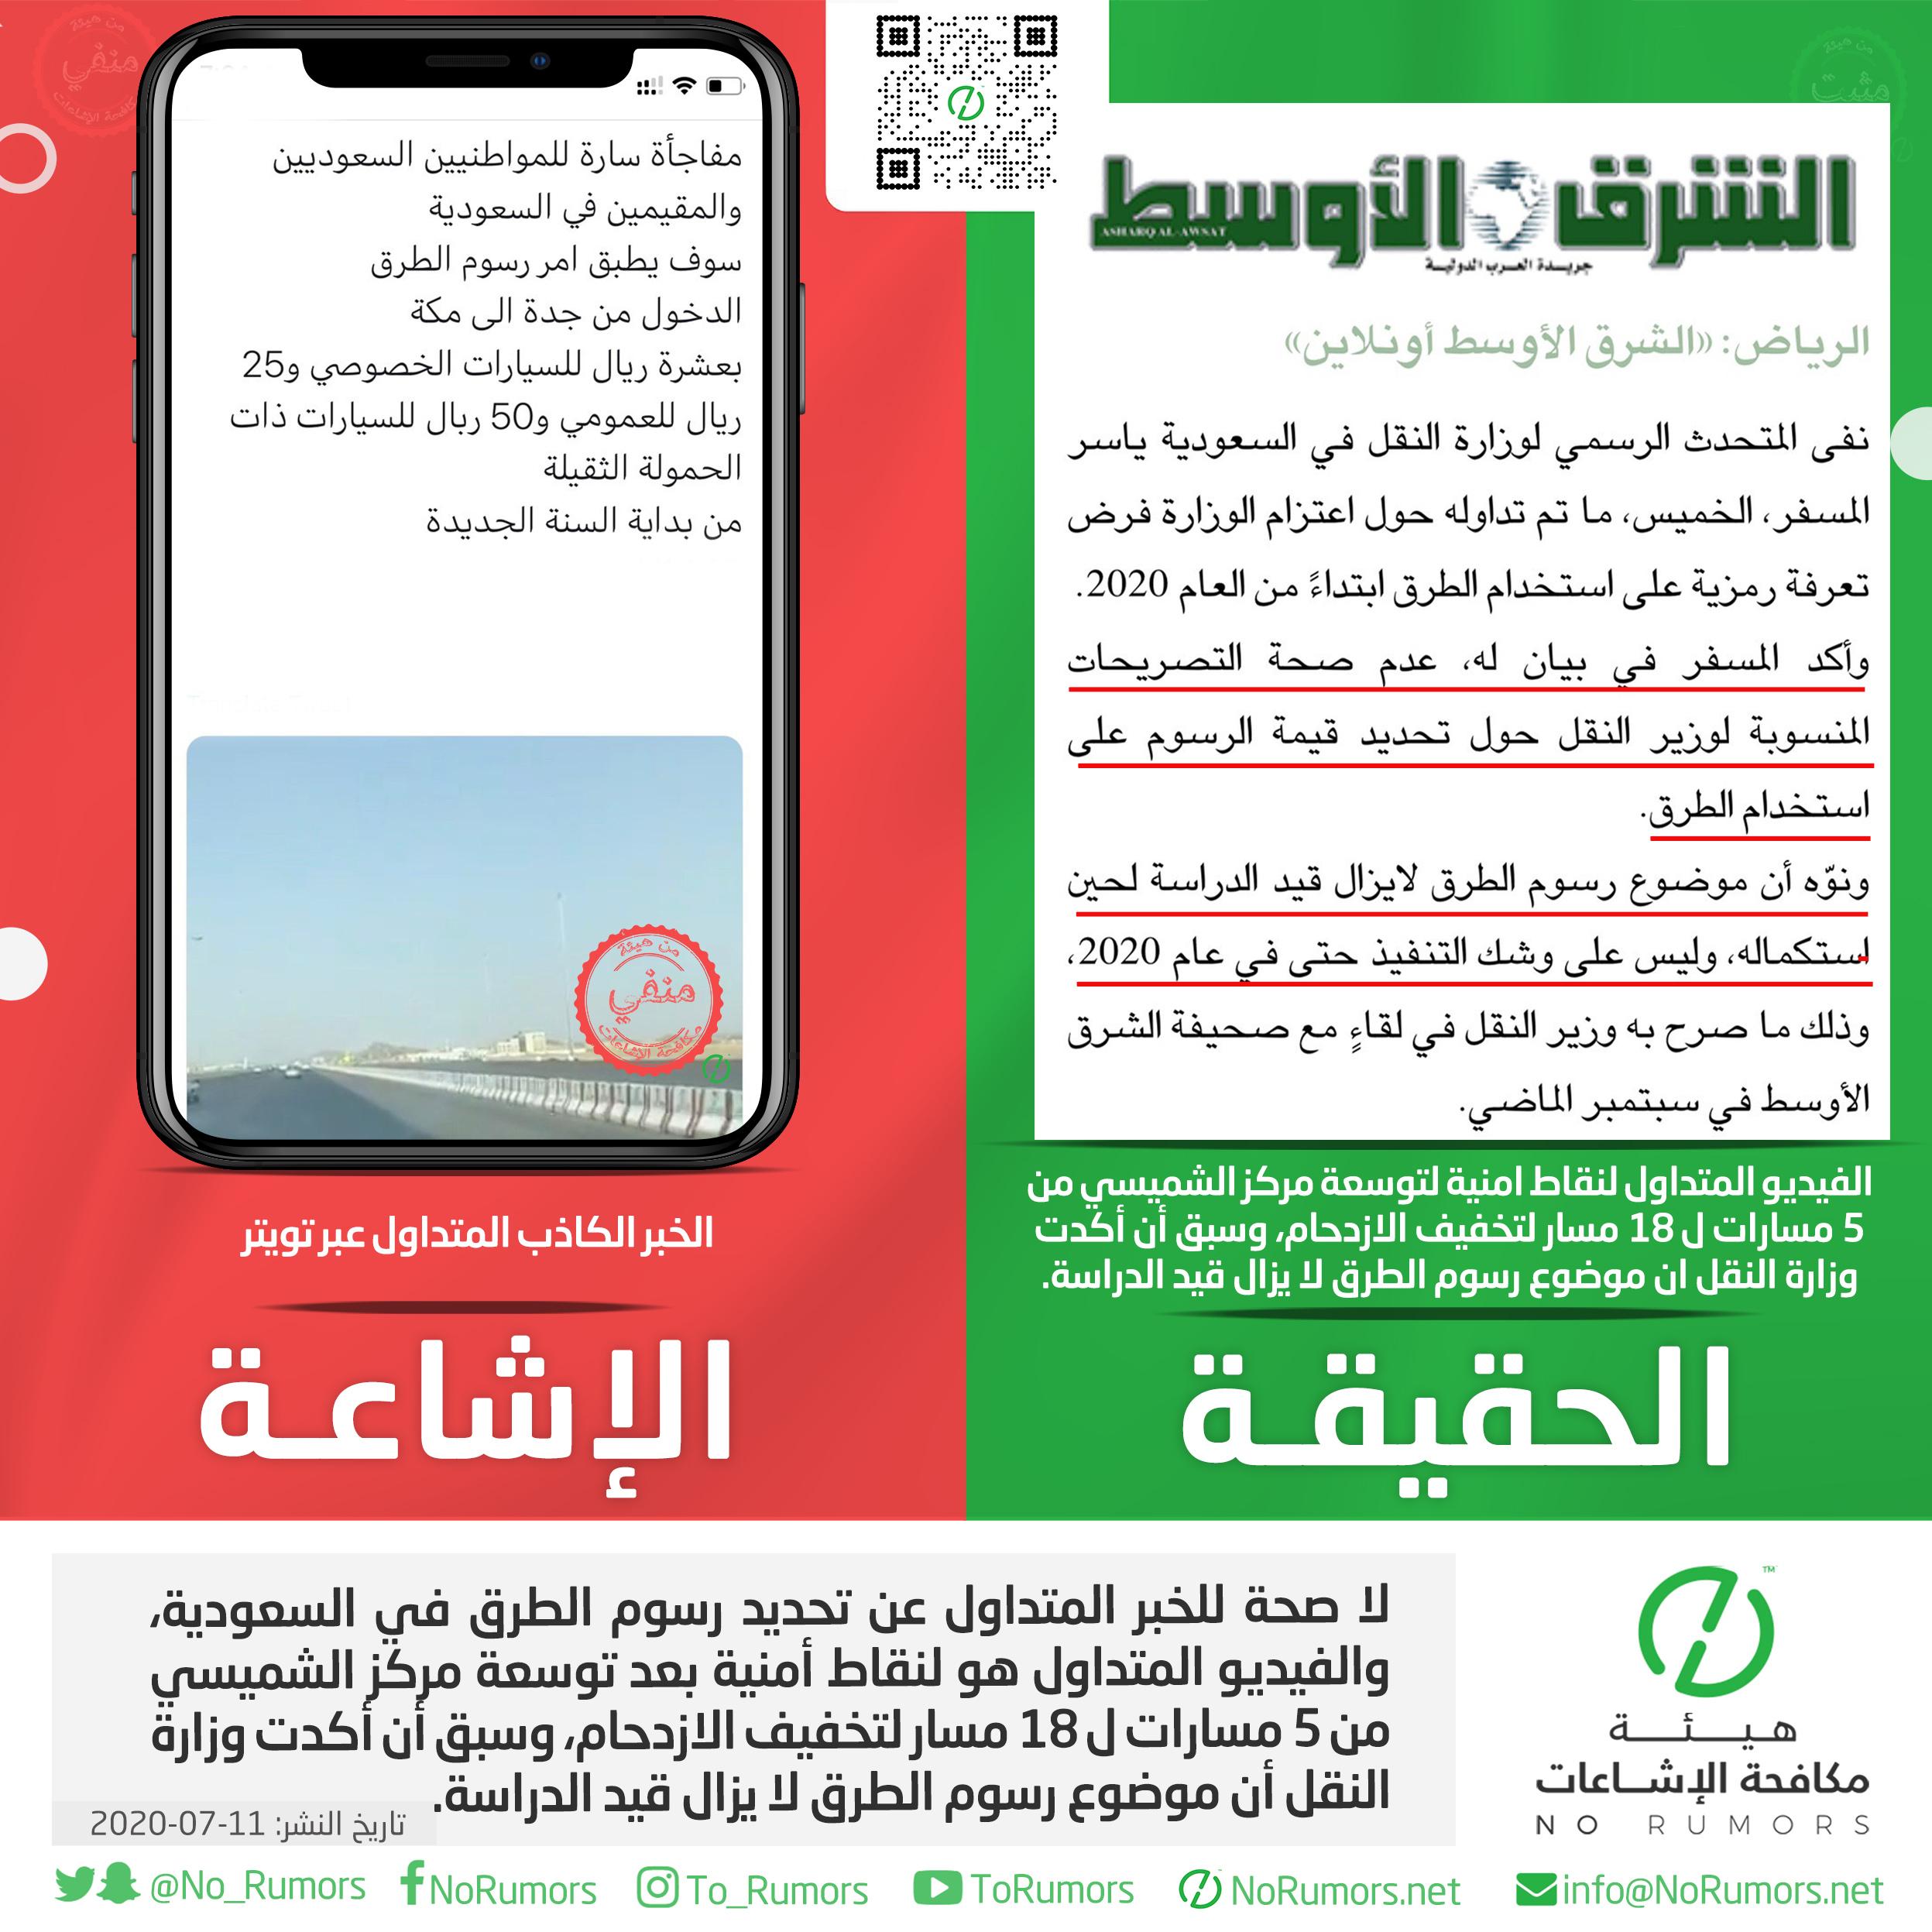 ماهي حقيقة الخبر المتداول عن تحديد رسوم الطرق في السعودية